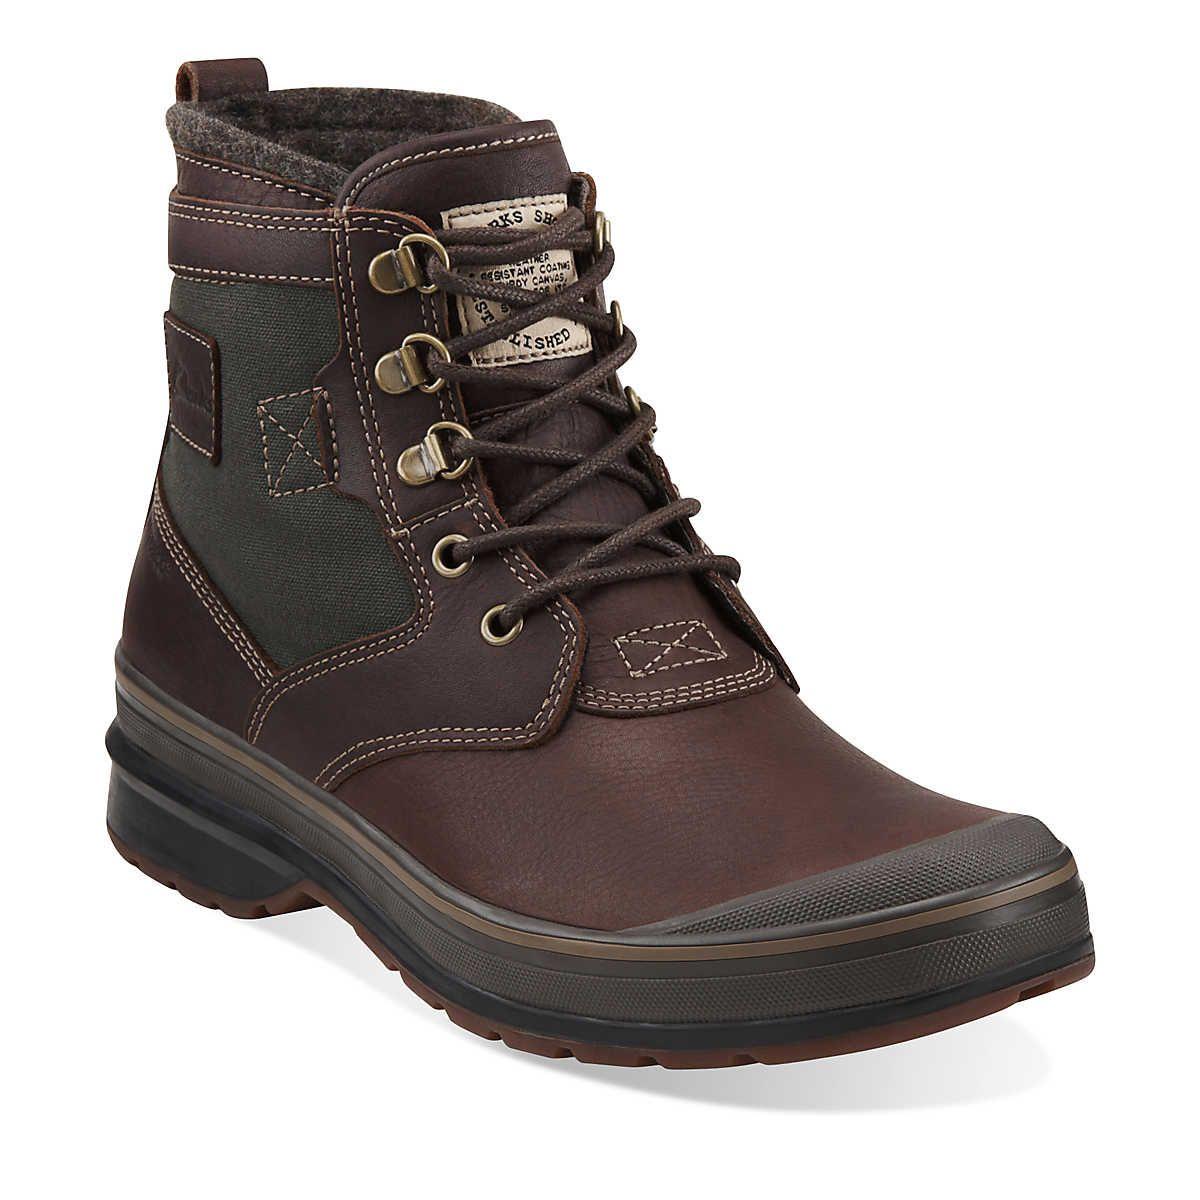 20+ Clarks Waterproof Footwear ideas